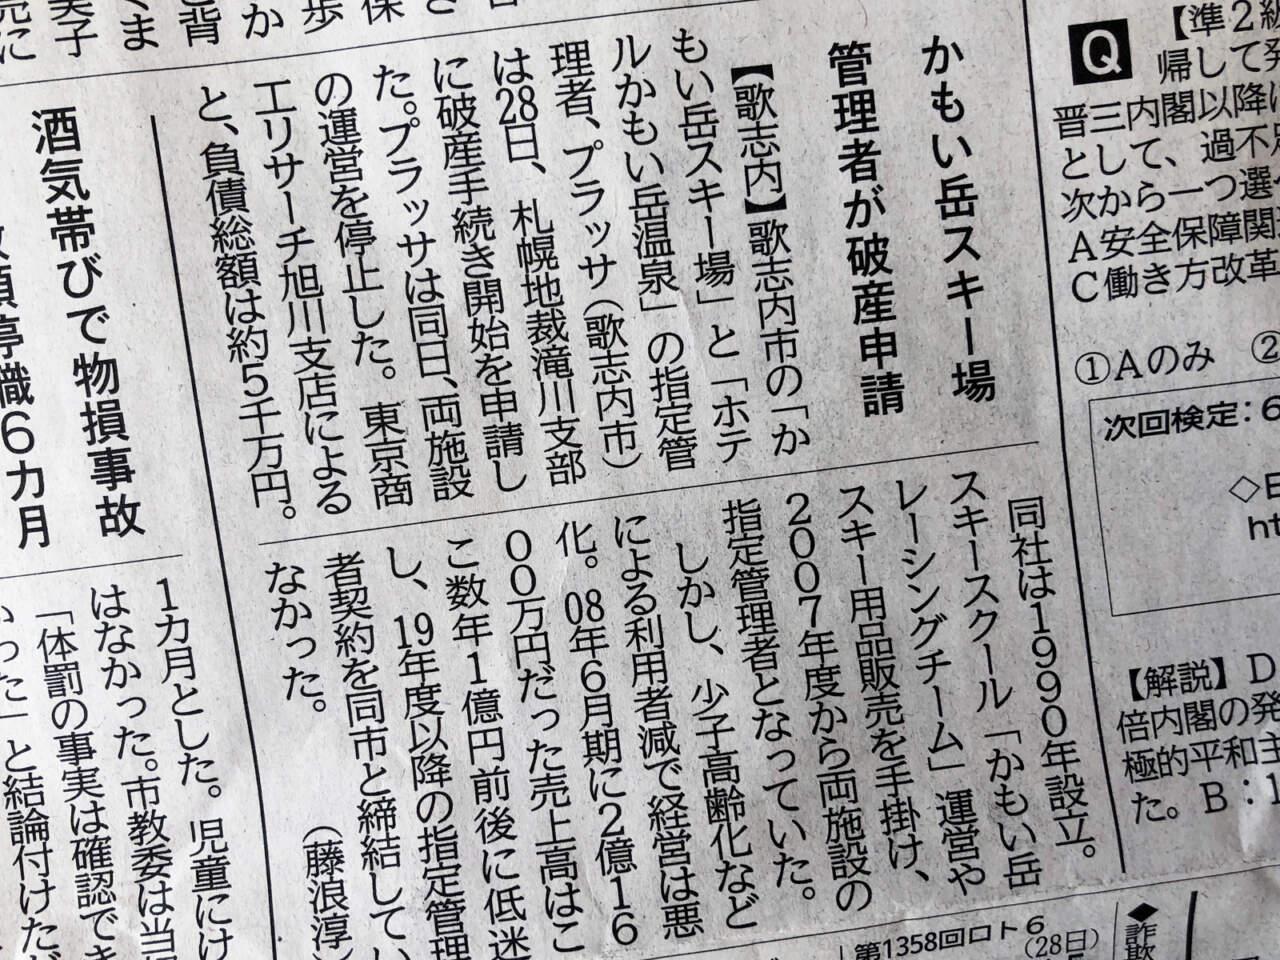 2019/3/1北海道新聞紙面